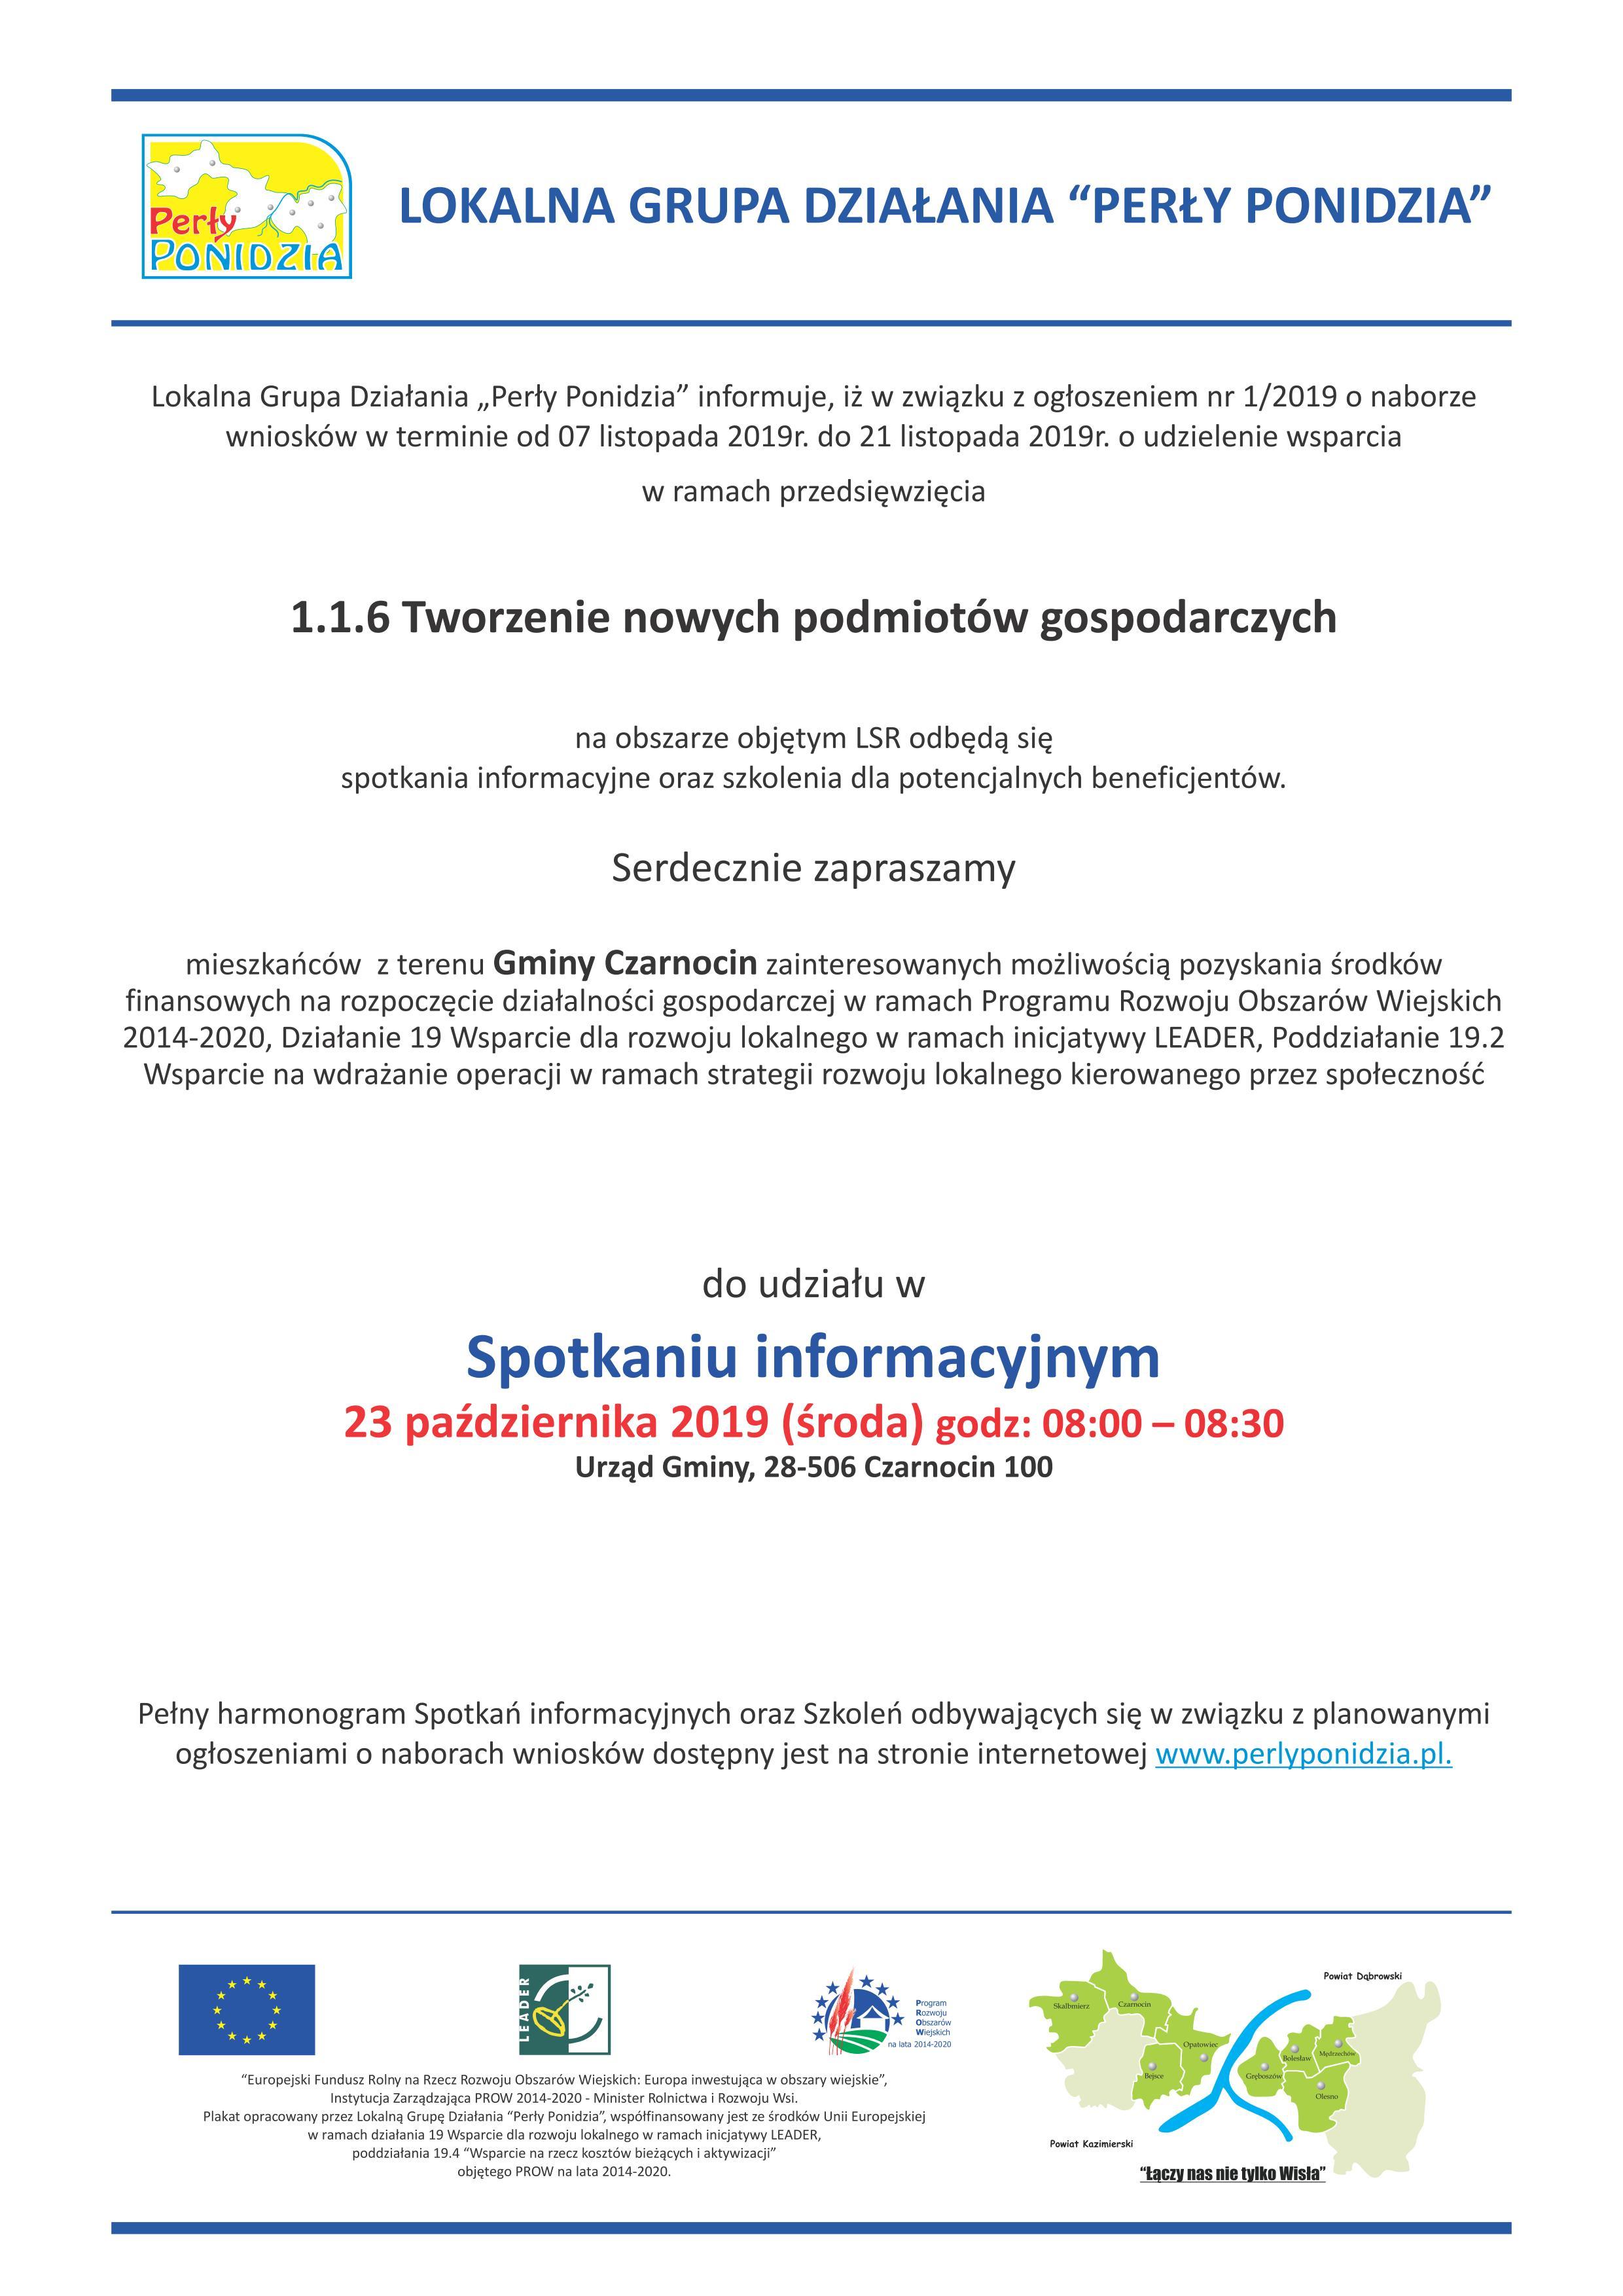 LGDspotkanie12019.jpg